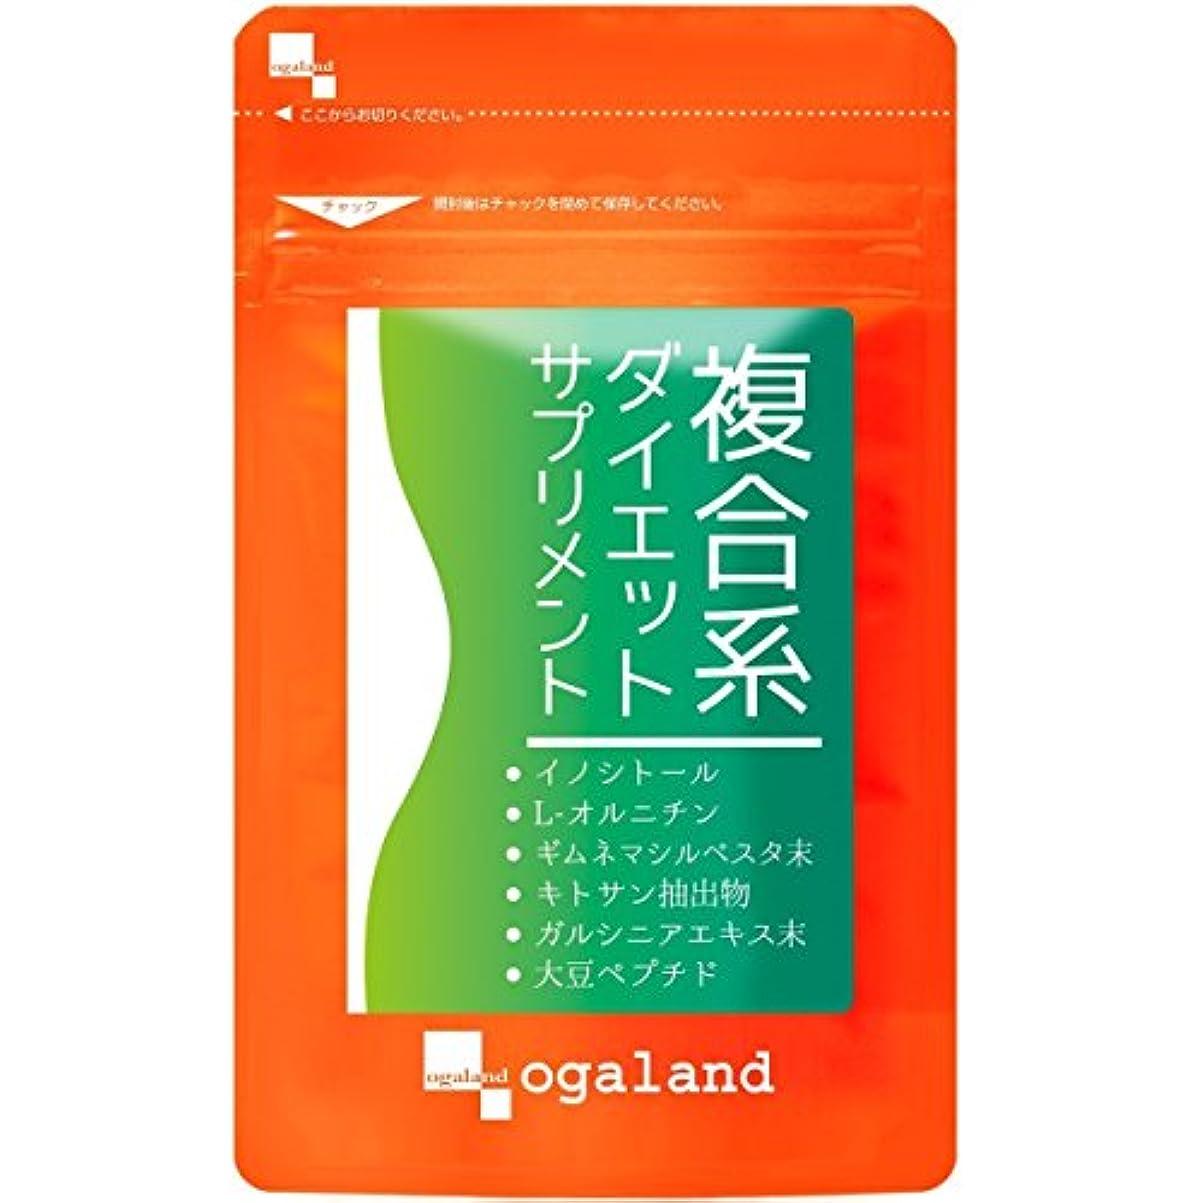 フリル含意ヘッジ【Amazon.co.jp限定】複合系ダイエットサプリメント 90粒